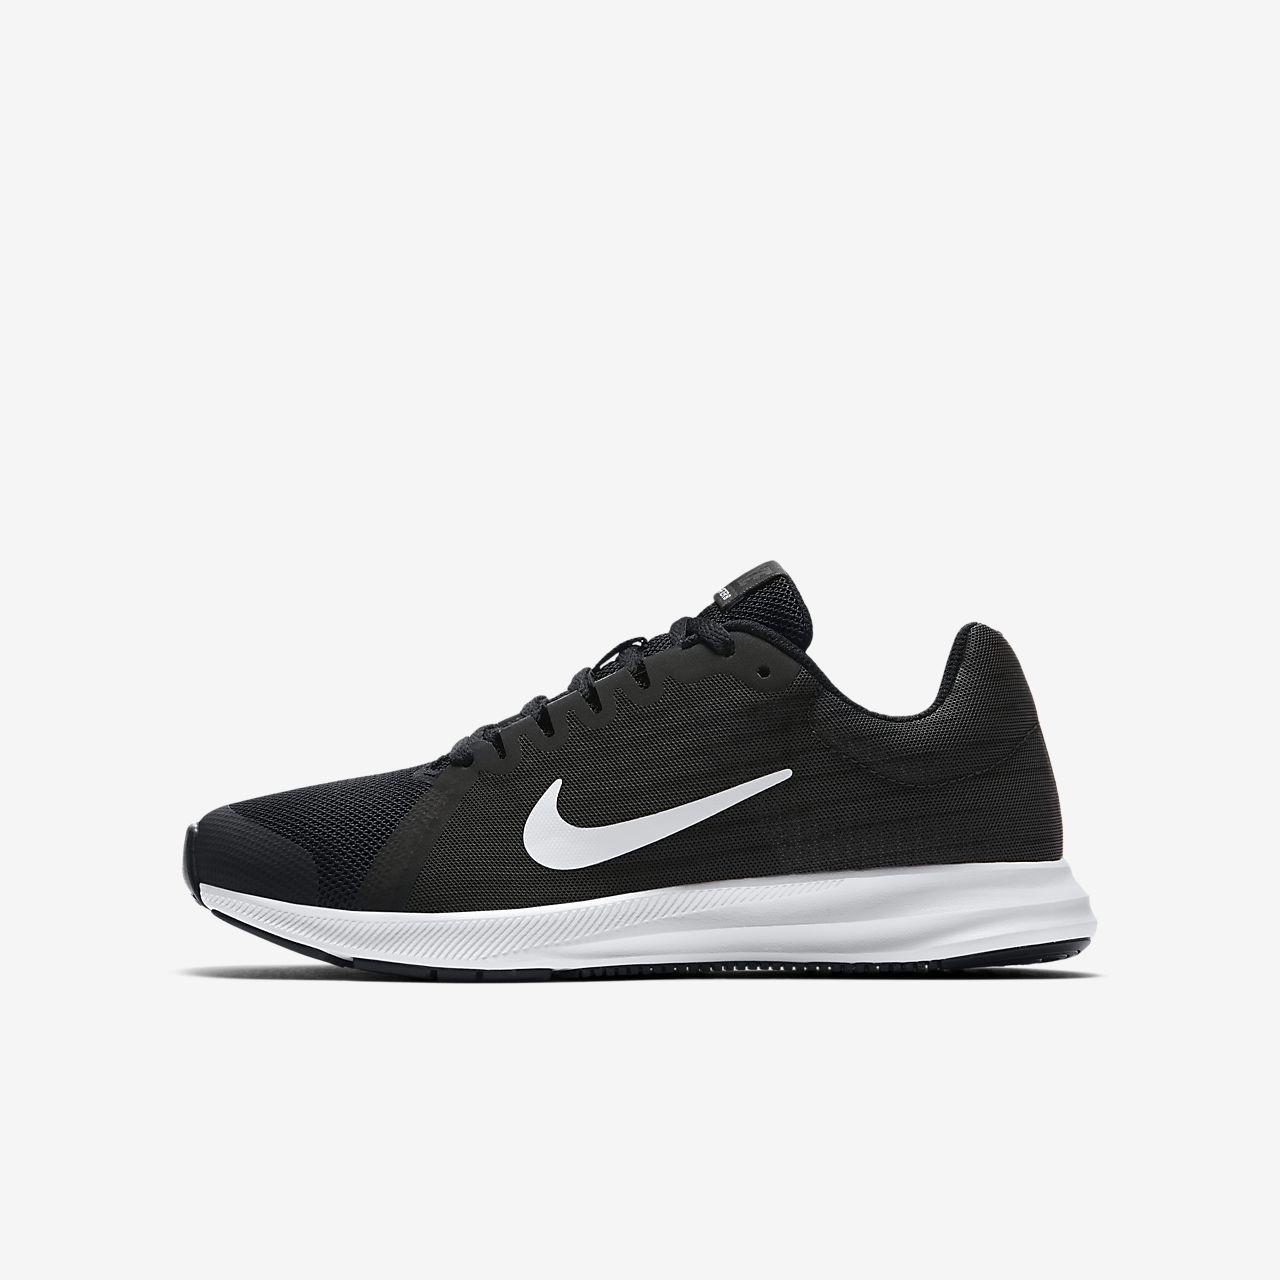 Finden Große Online Nike Downshifter 8 - neutraler Laufschuh - Damen Top-Qualität Zum Verkauf pyW6Le